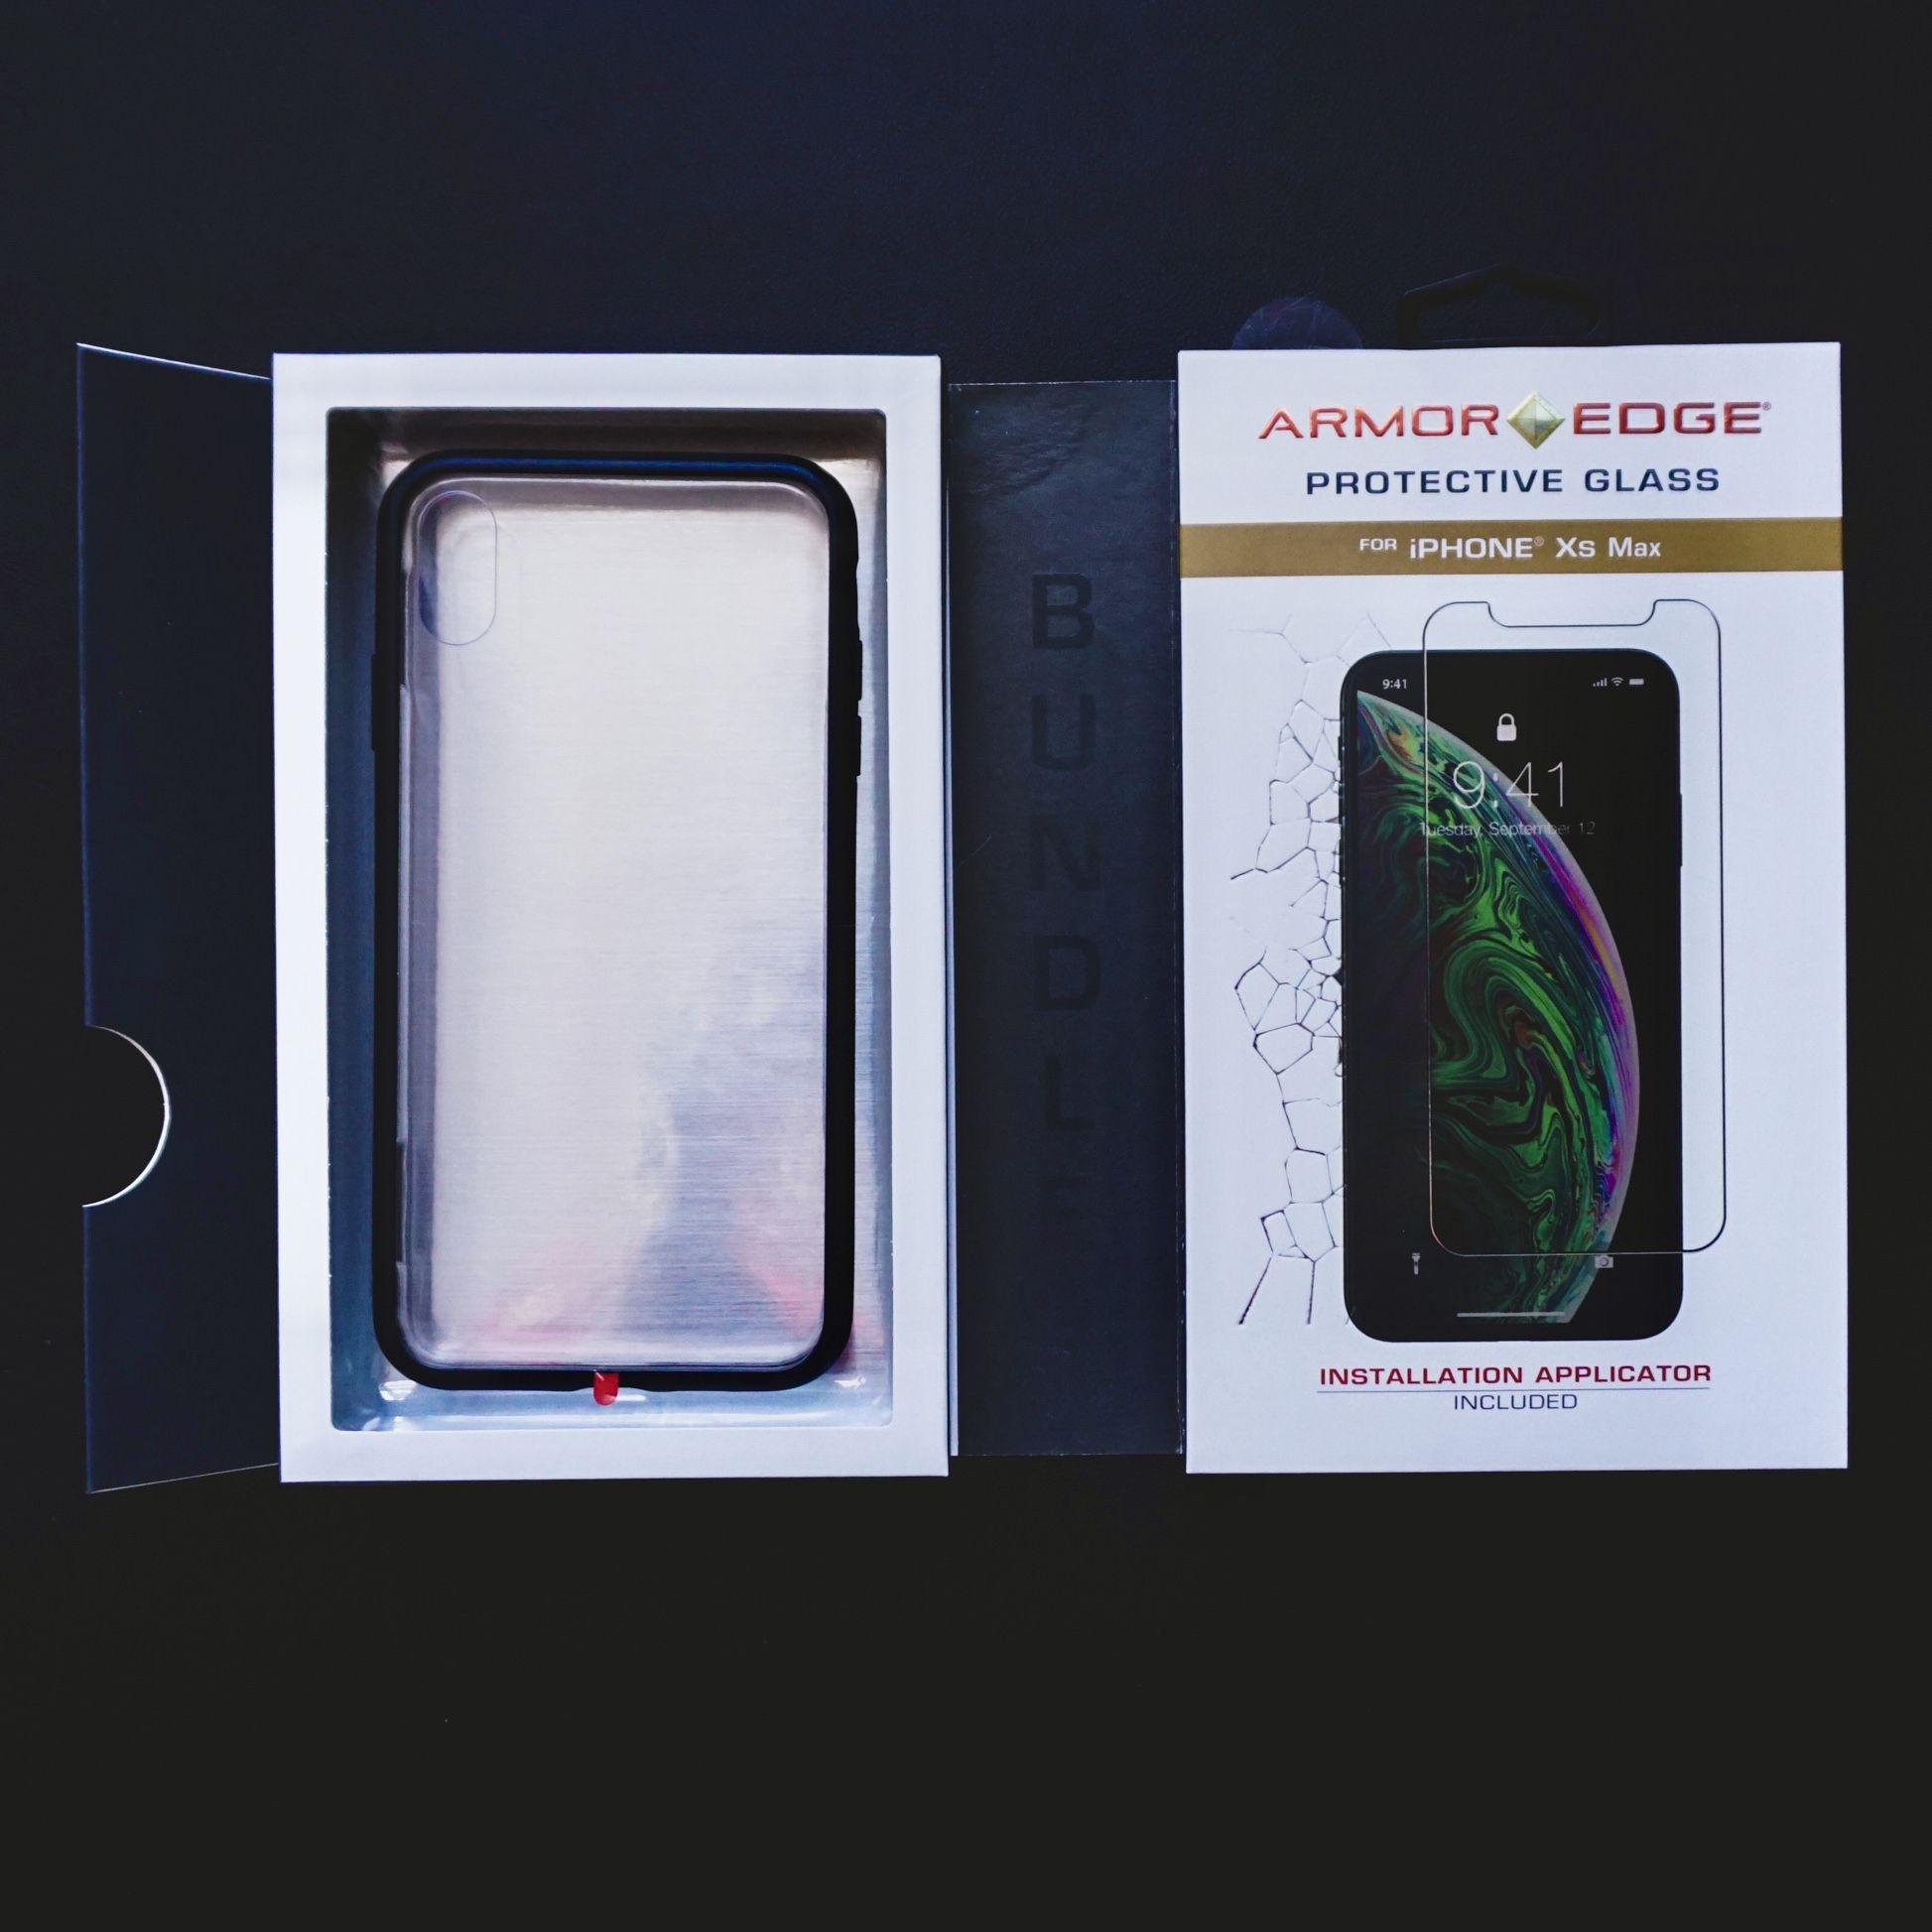 e9e07cae6277f7882fa561087ab31880 - Iphone Xs Screen Protector With Applicator